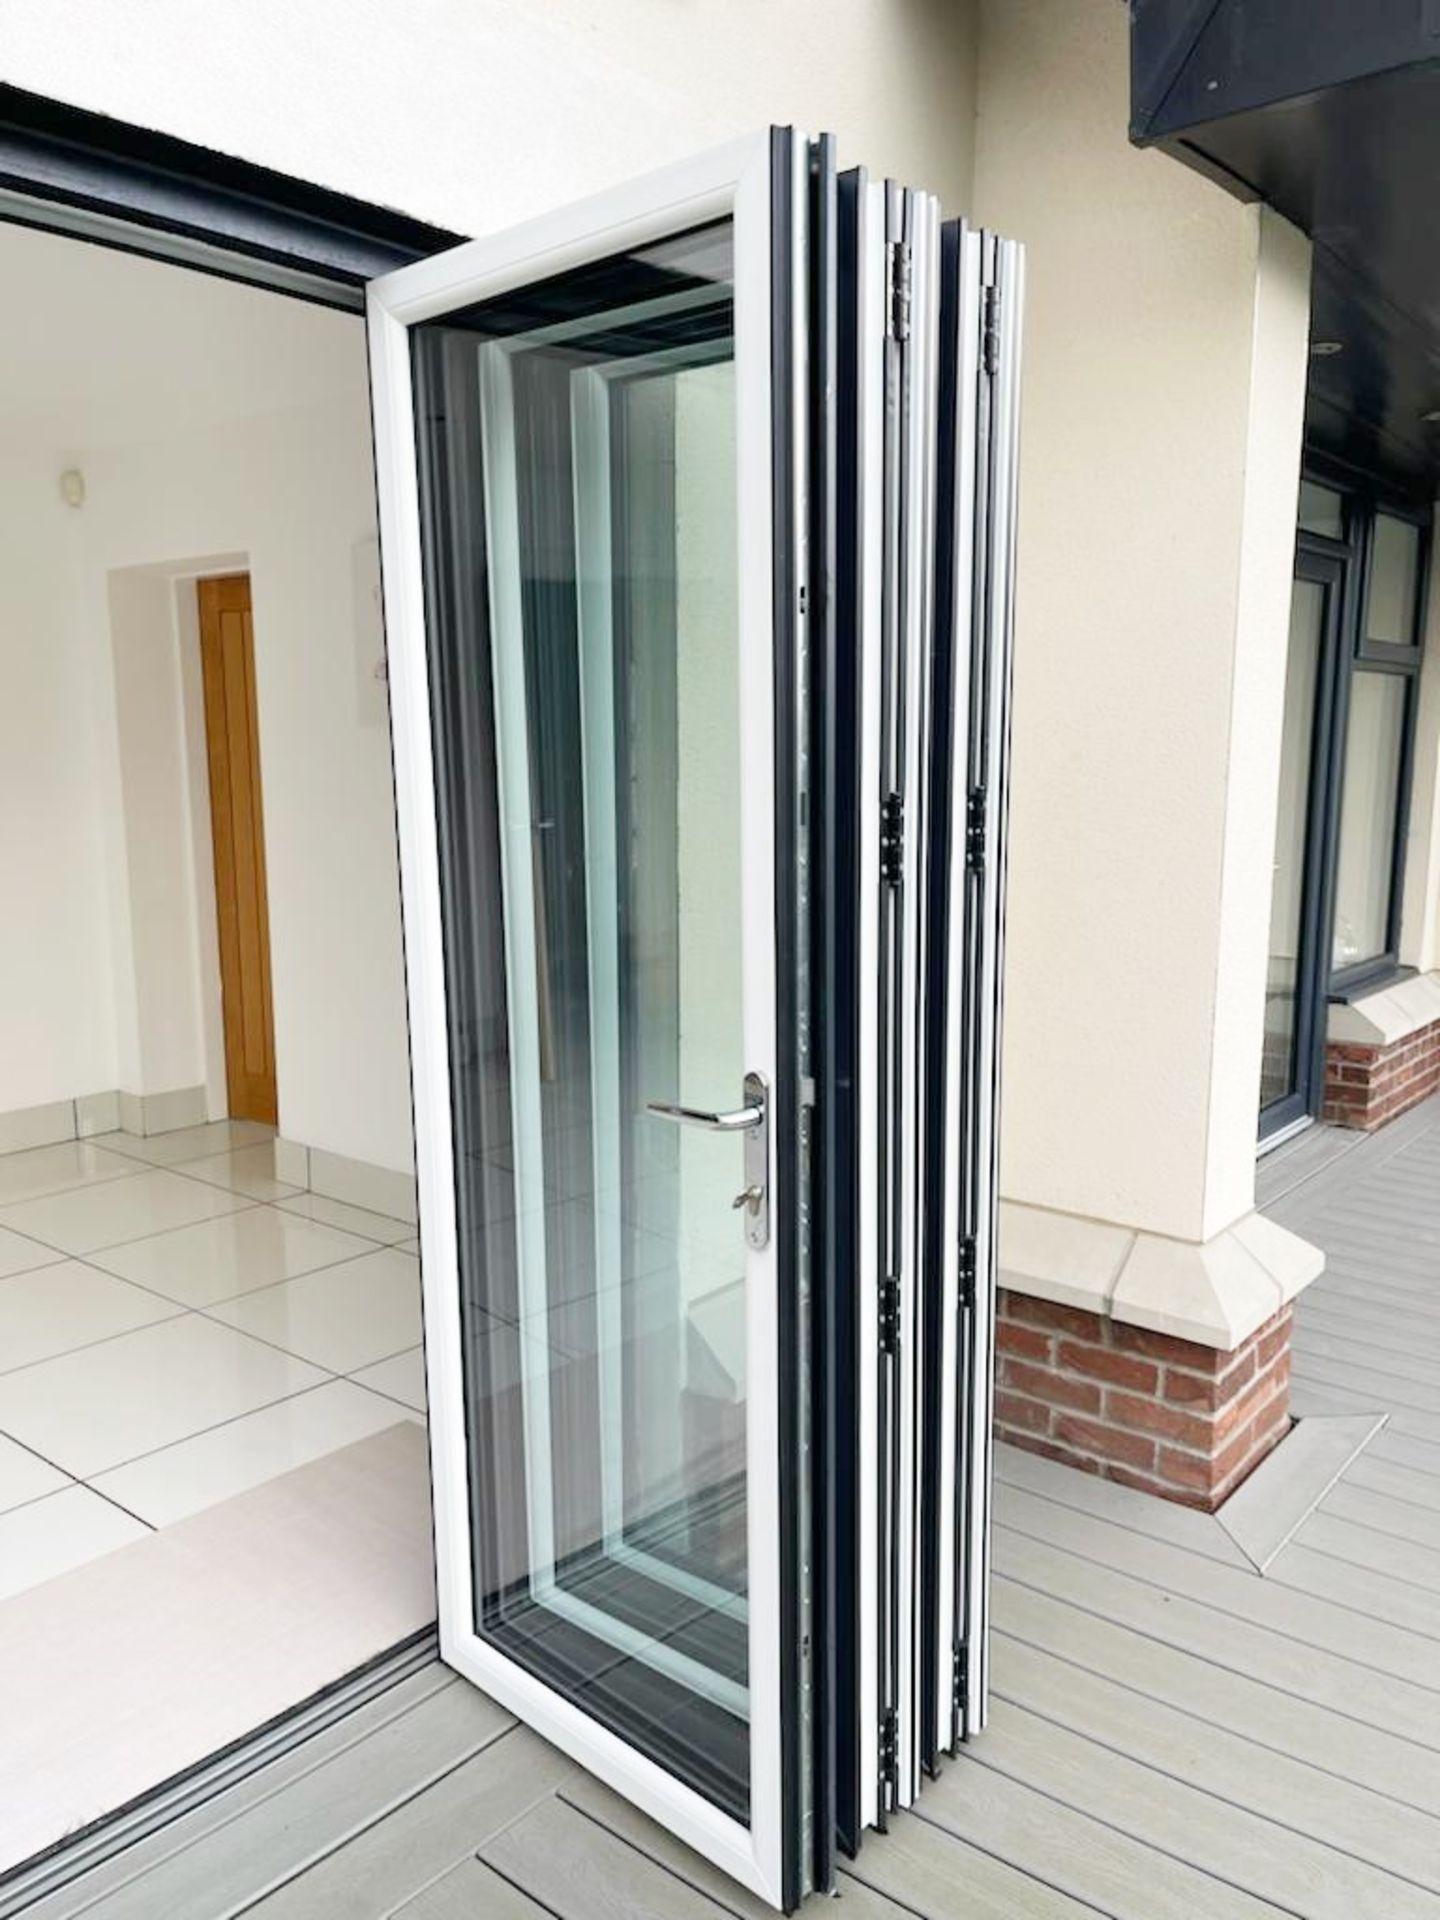 1 x Slide And Fold Bi Fold Doors Including Frames - CL685 - Location: Blackburn BB6 - NO VAT On - Image 3 of 7